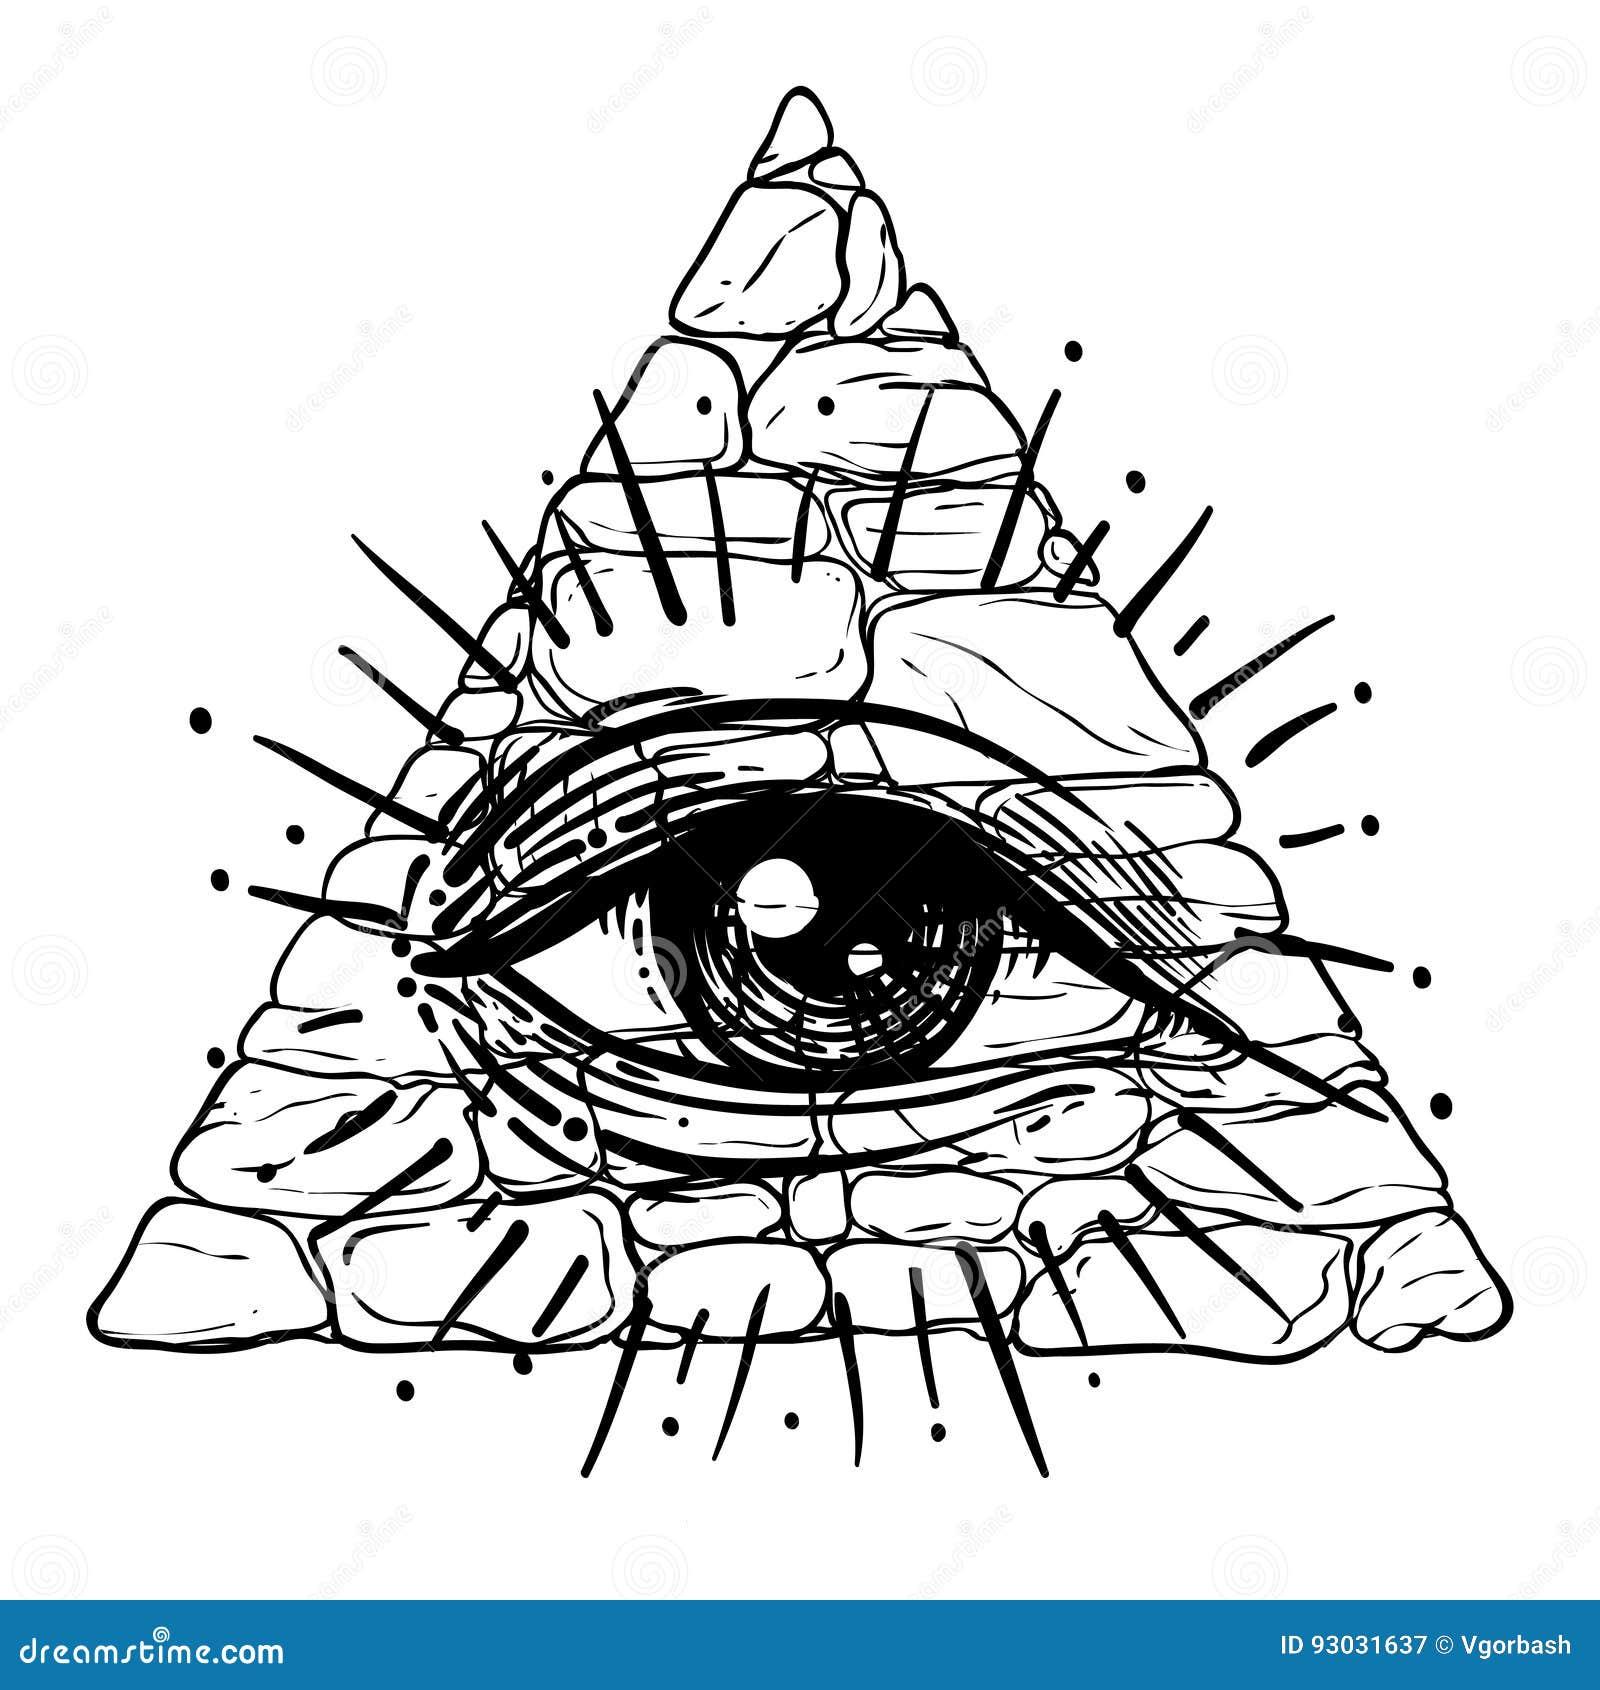 Eye of providence masonic symbol all seeing eye inside triangl masonic symbol all seeing eye inside triangl faith emblem buycottarizona Images